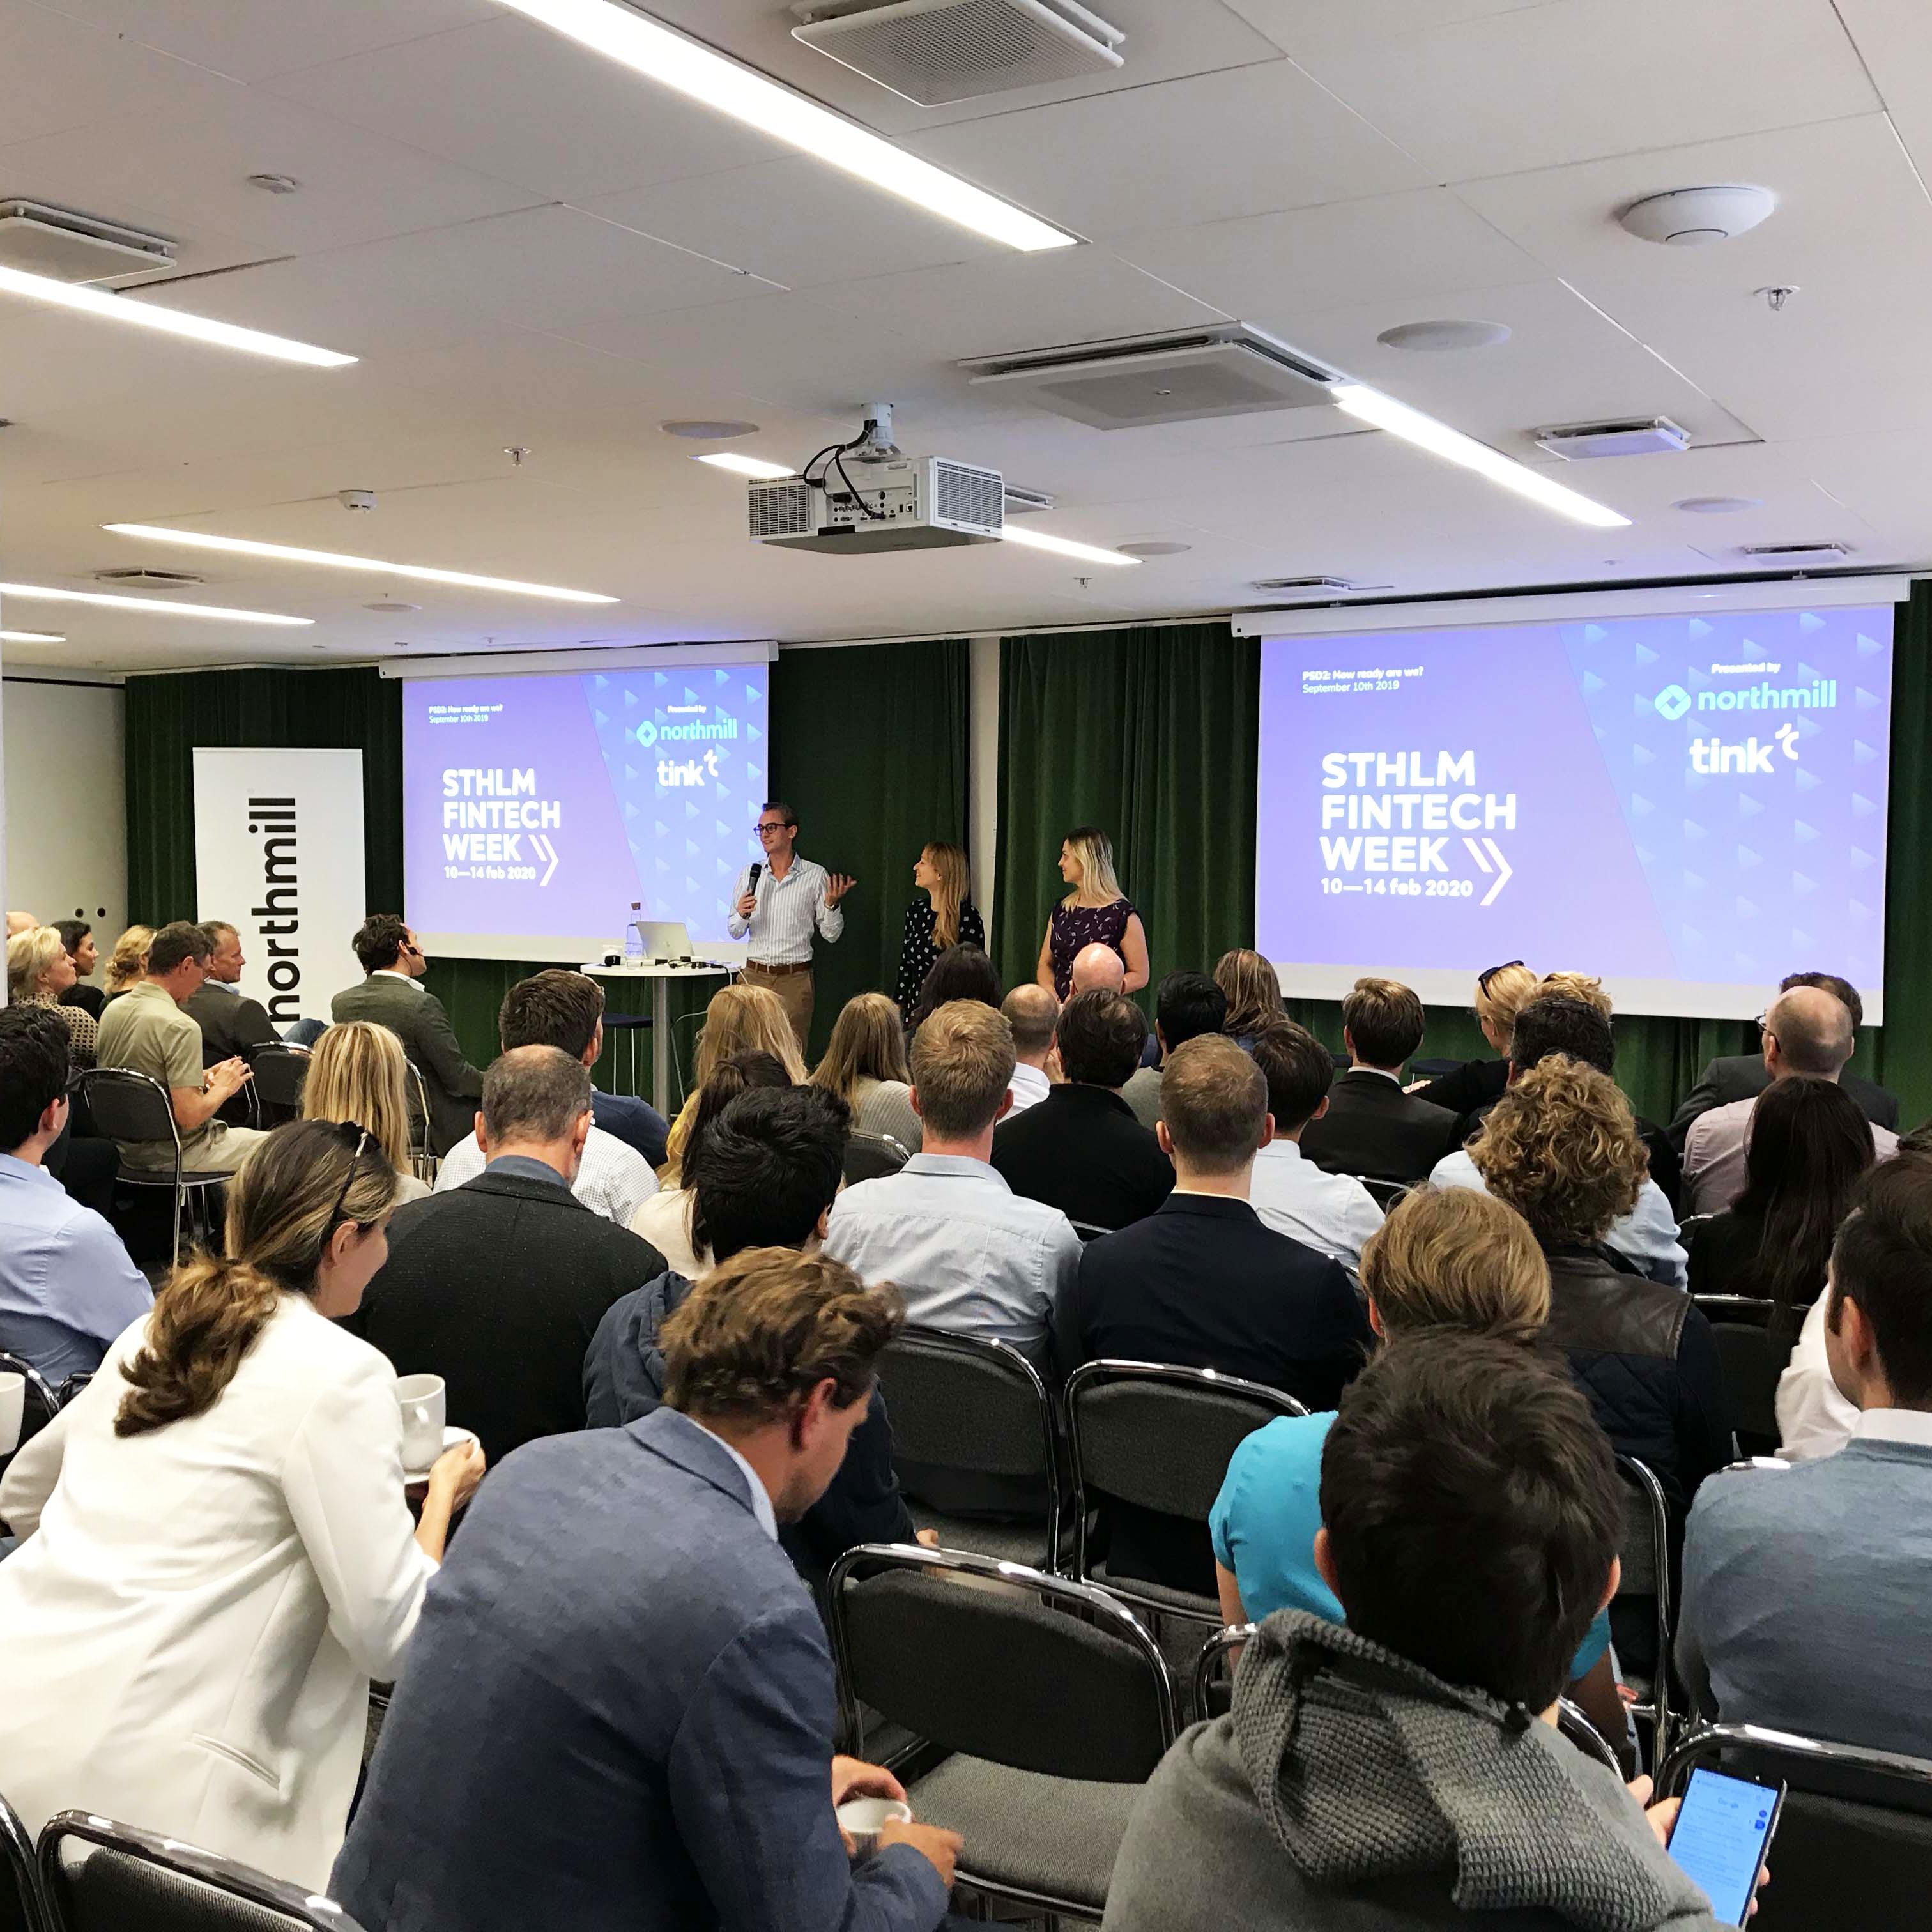 Sthlm Fintech Week Meetup